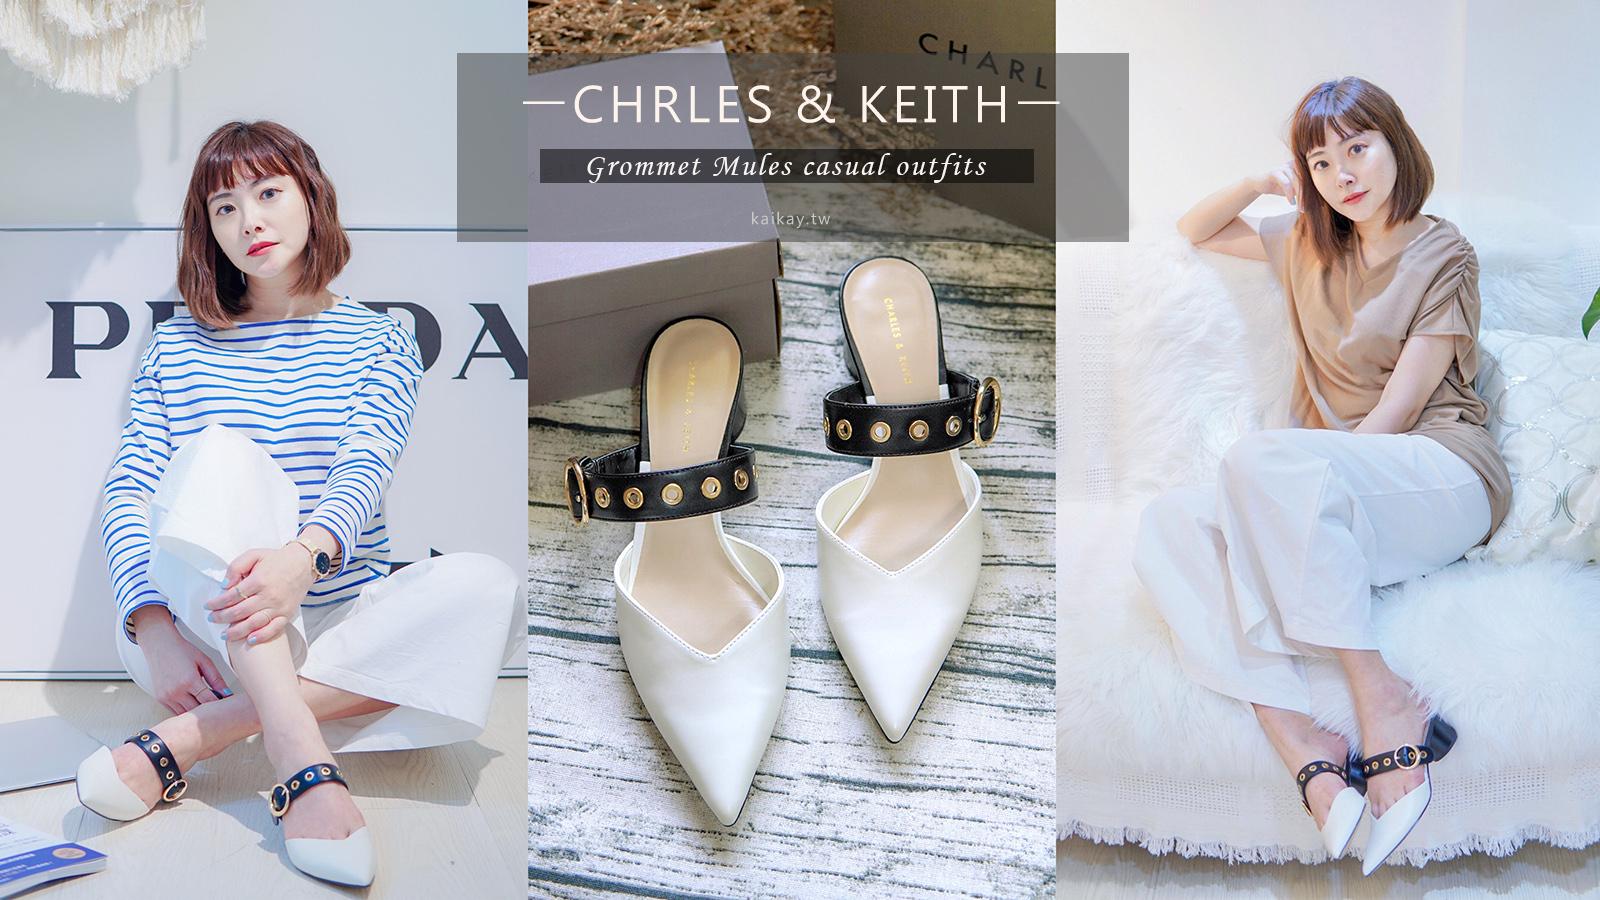 即時熱門文章:☆【精品】我的第一雙 Charles & Keith 鞋。小CK 鉚釘低跟穆勒鞋開箱